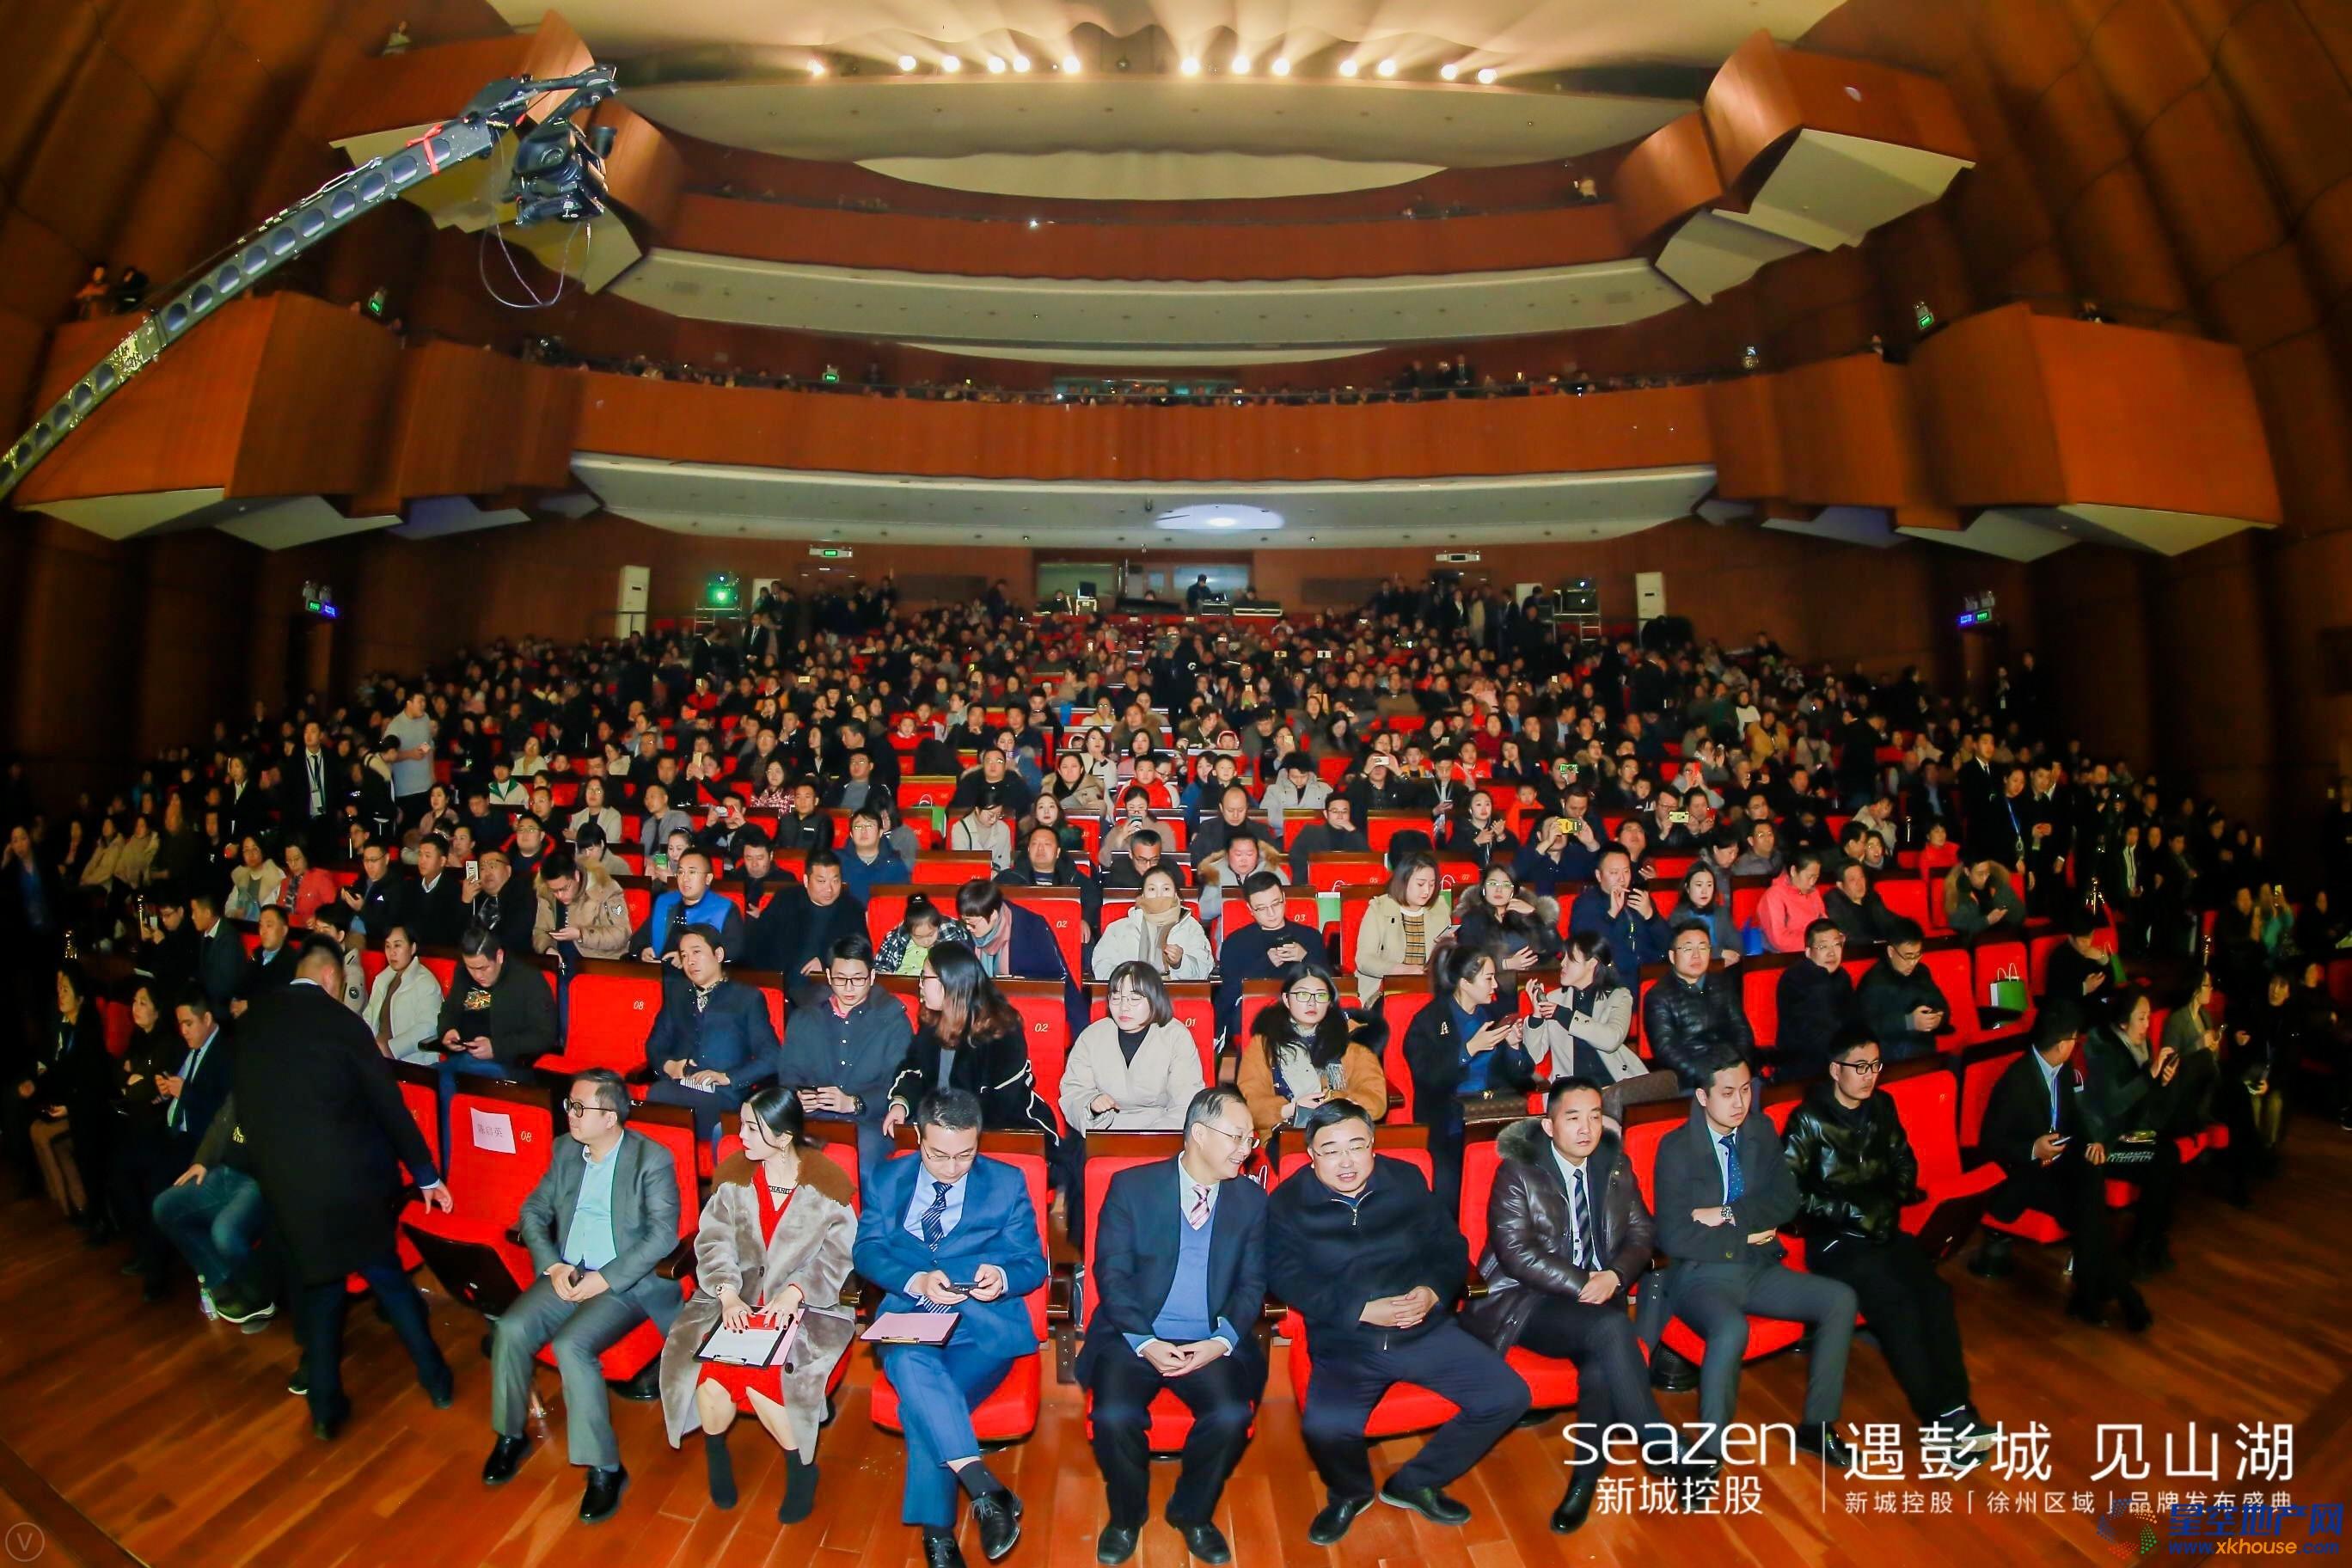 遇彭城,见山湖丨新城控股徐州区域品牌发布盛典圆满落幕